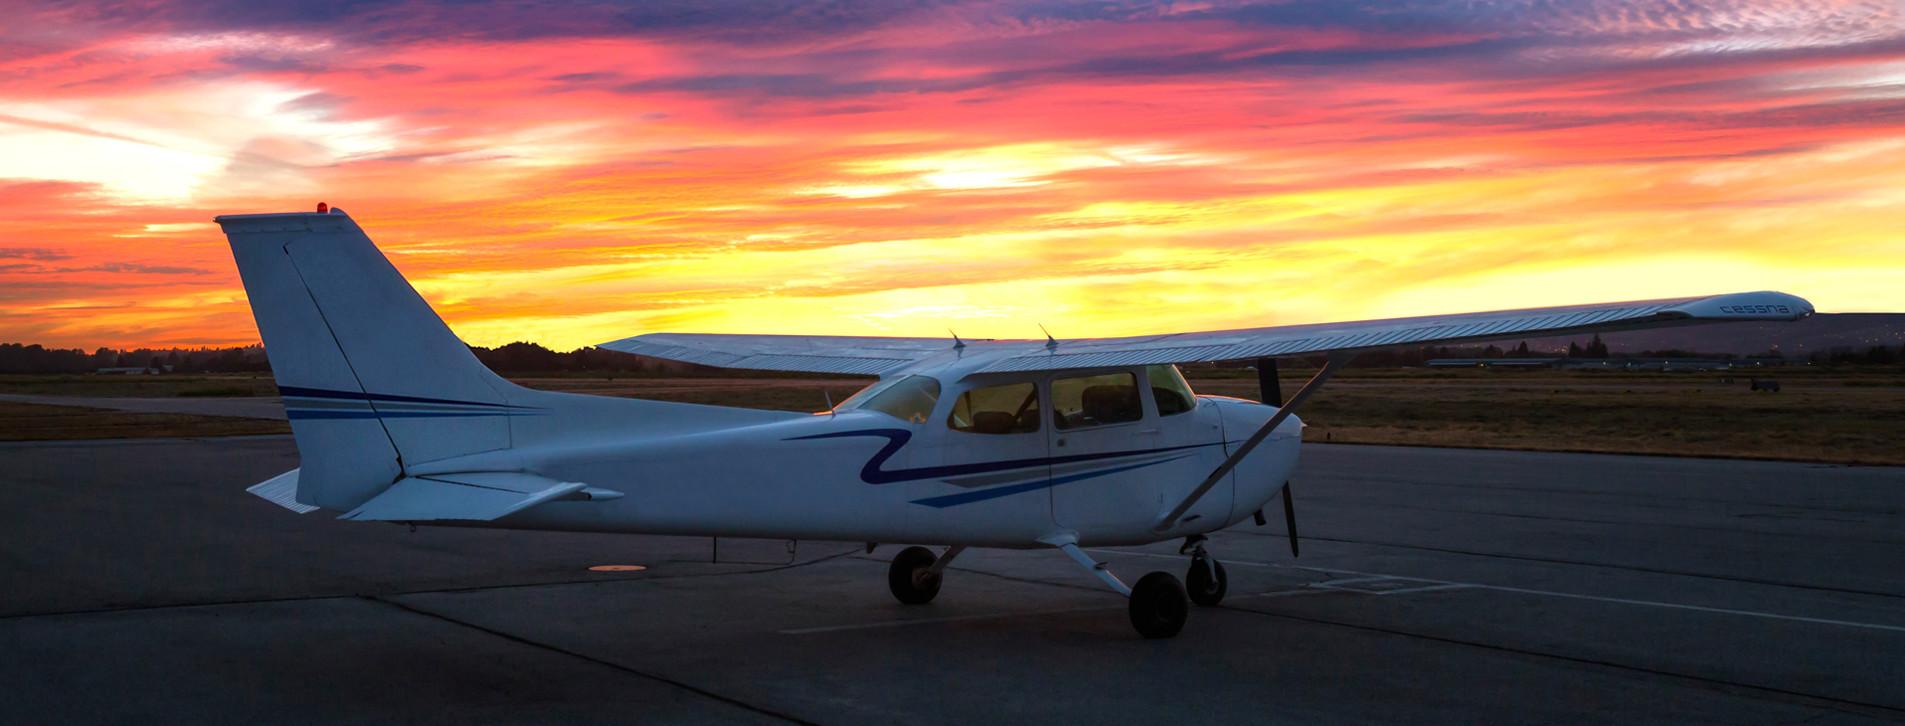 Фото - Ночной полет на самолете для двоих